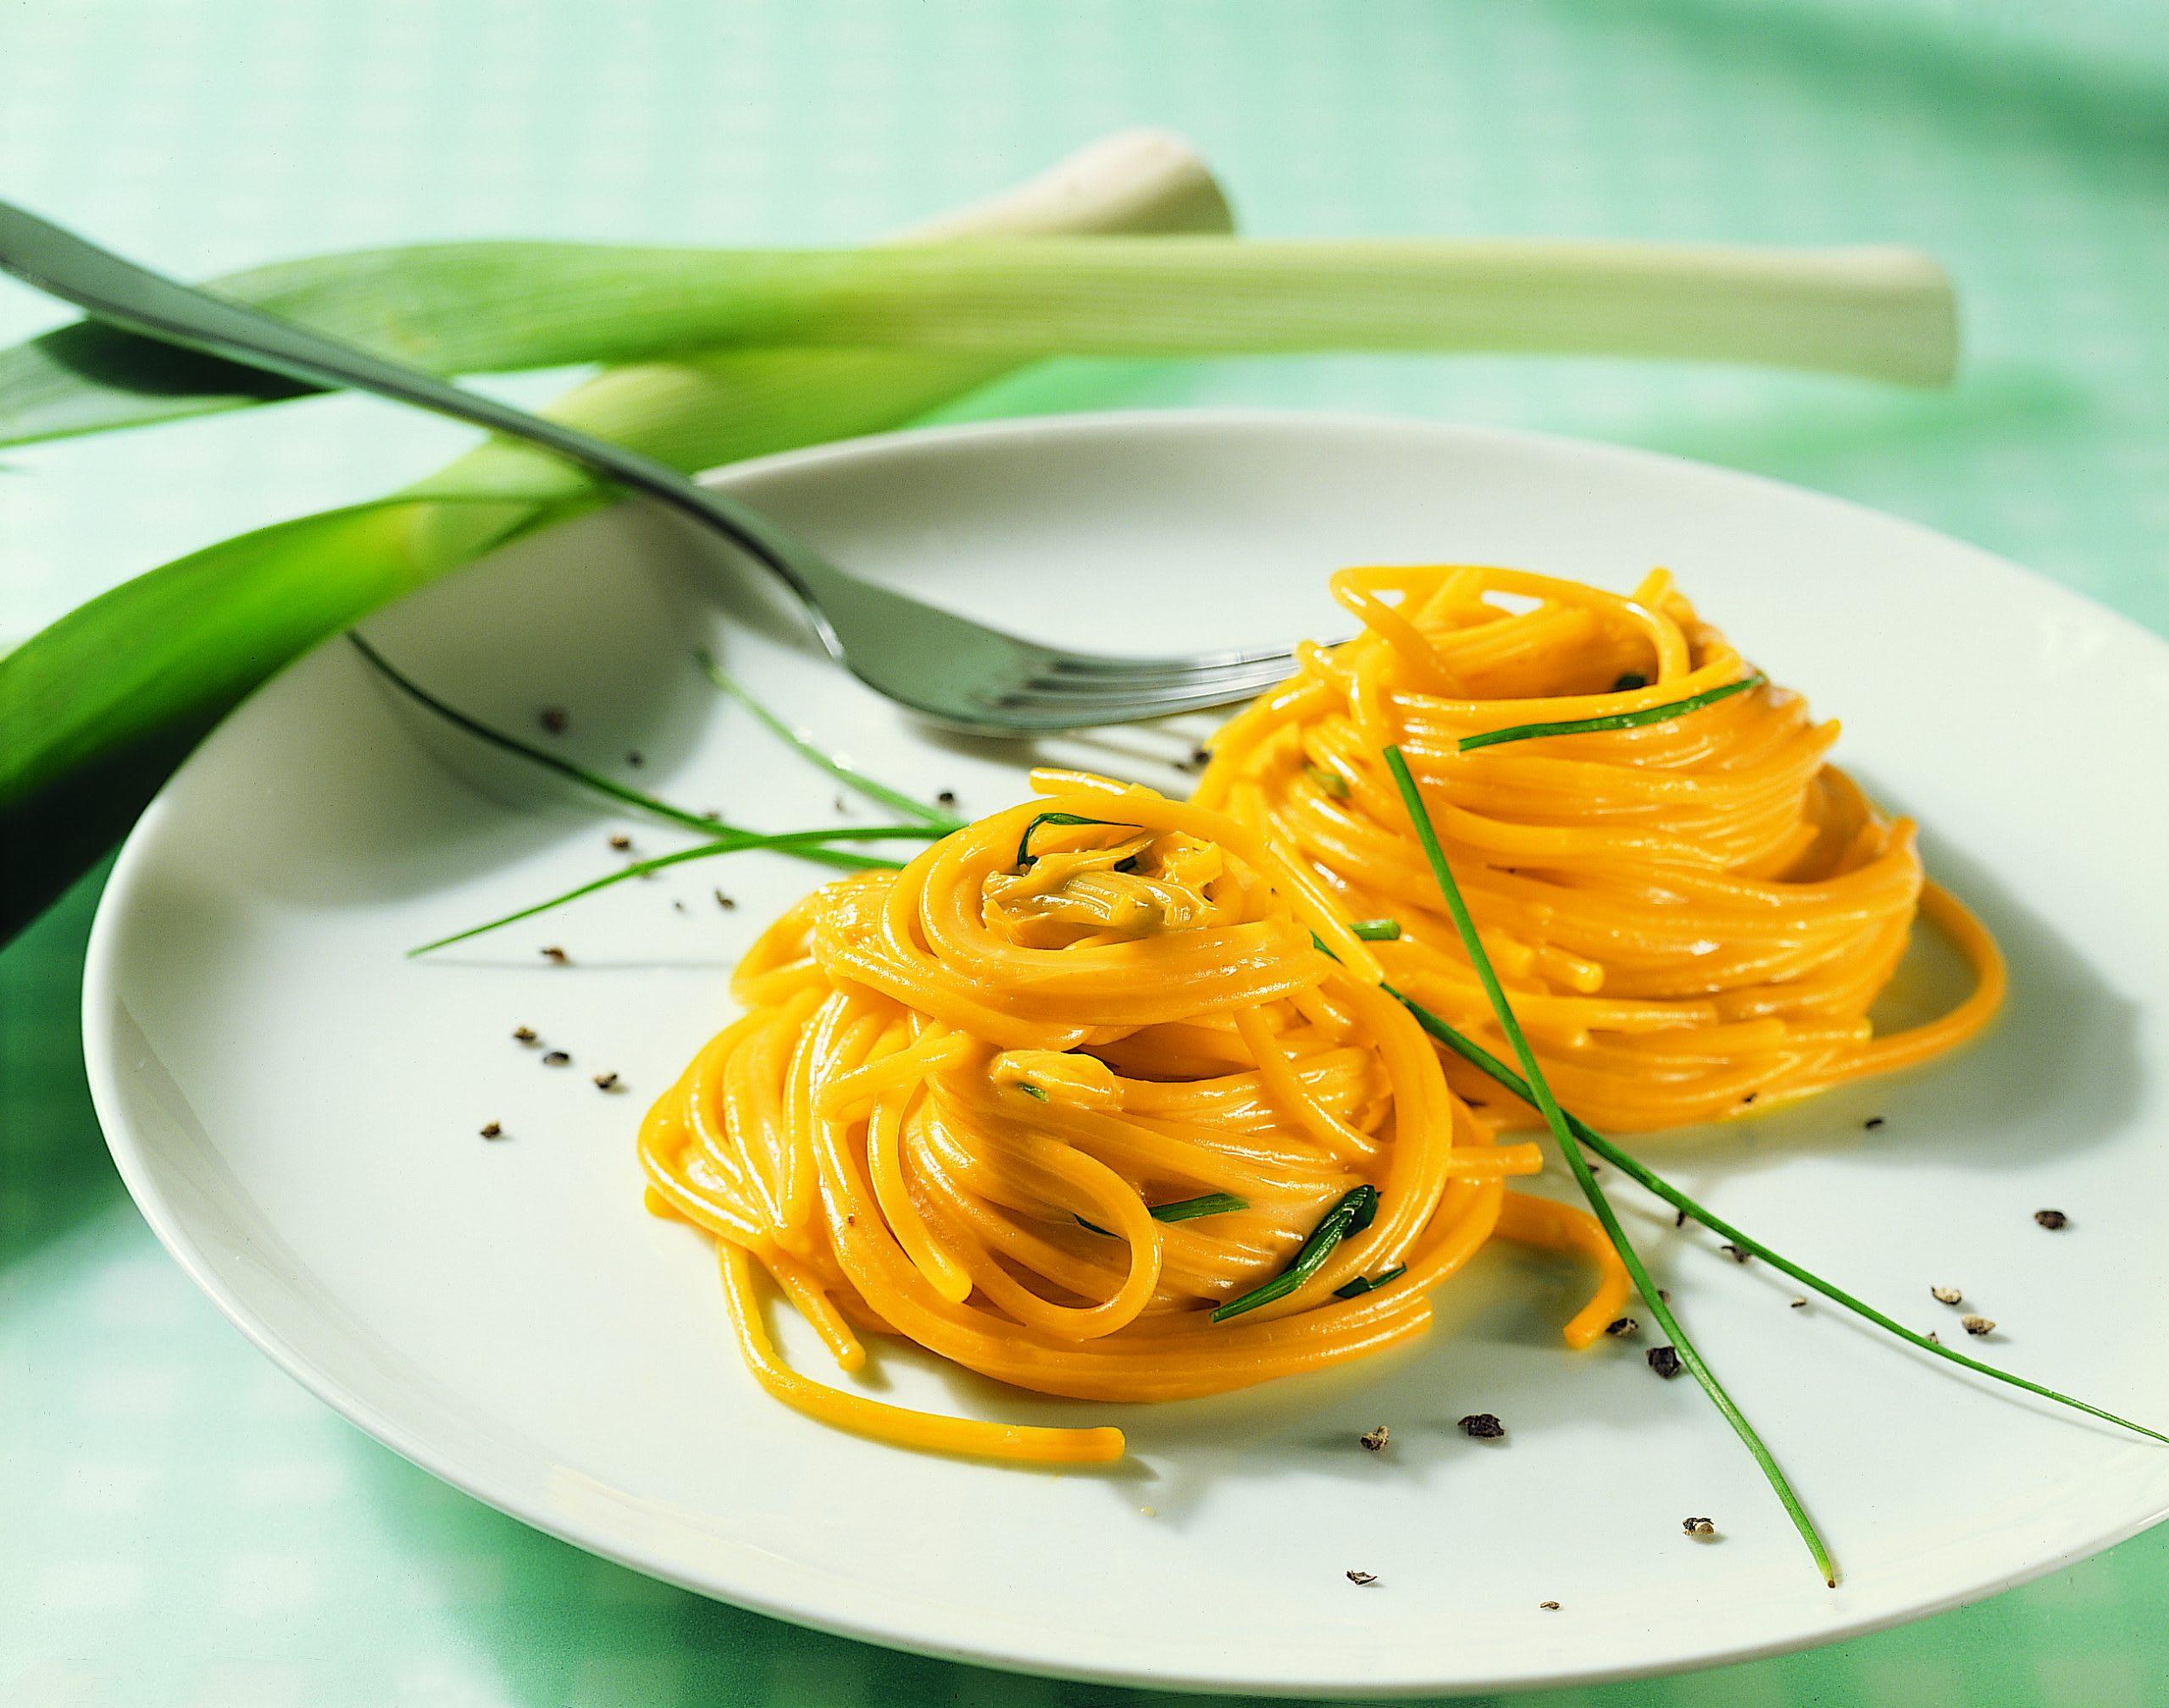 Spaghettis au poireau parfumés au safran